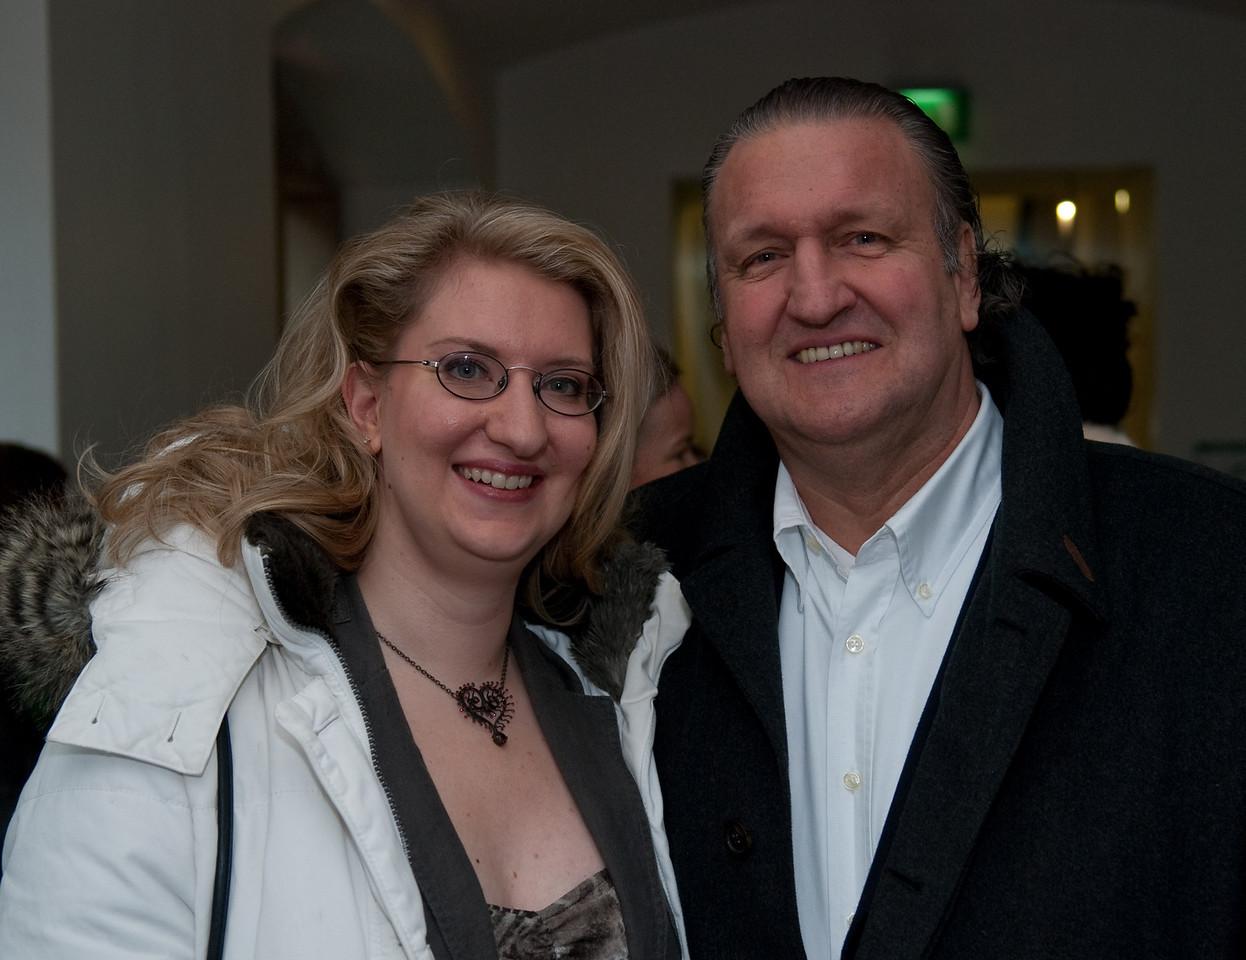 2009-03-12 09-59-15 - Hochzeit von Edith und Tim Böttcher